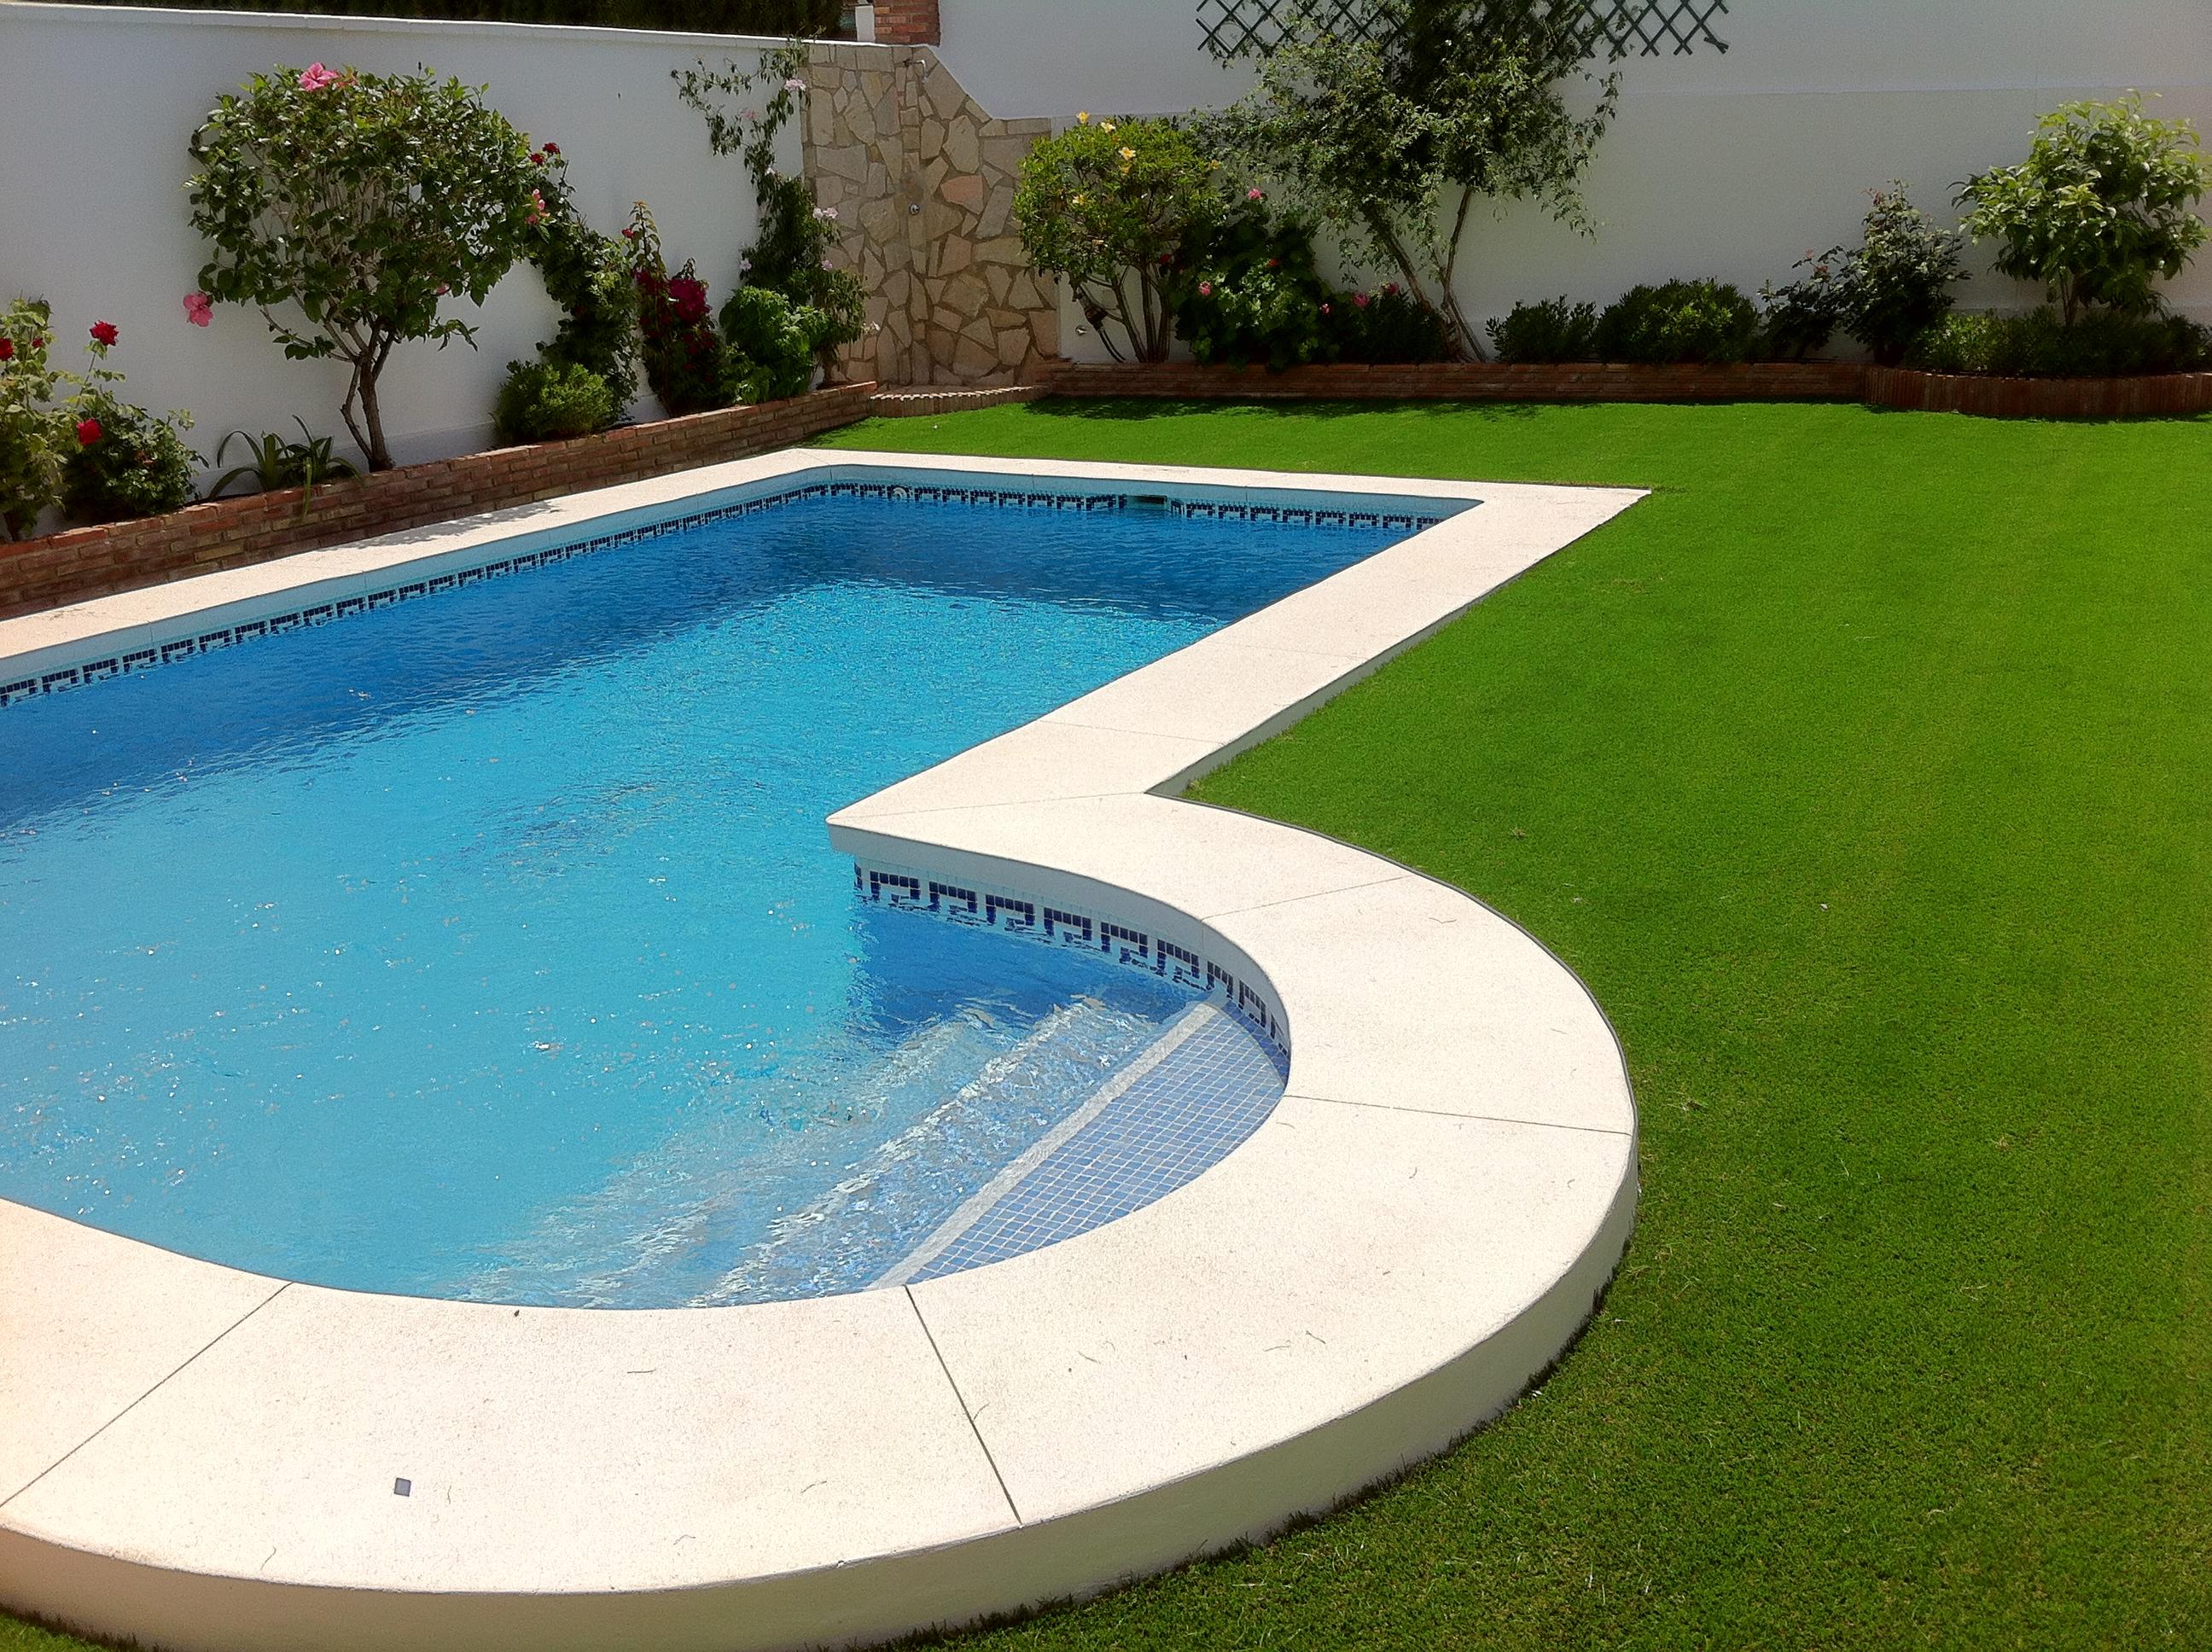 Instalaciones de c sped artificial en piscina y jardin - Piscinas y jardines ...